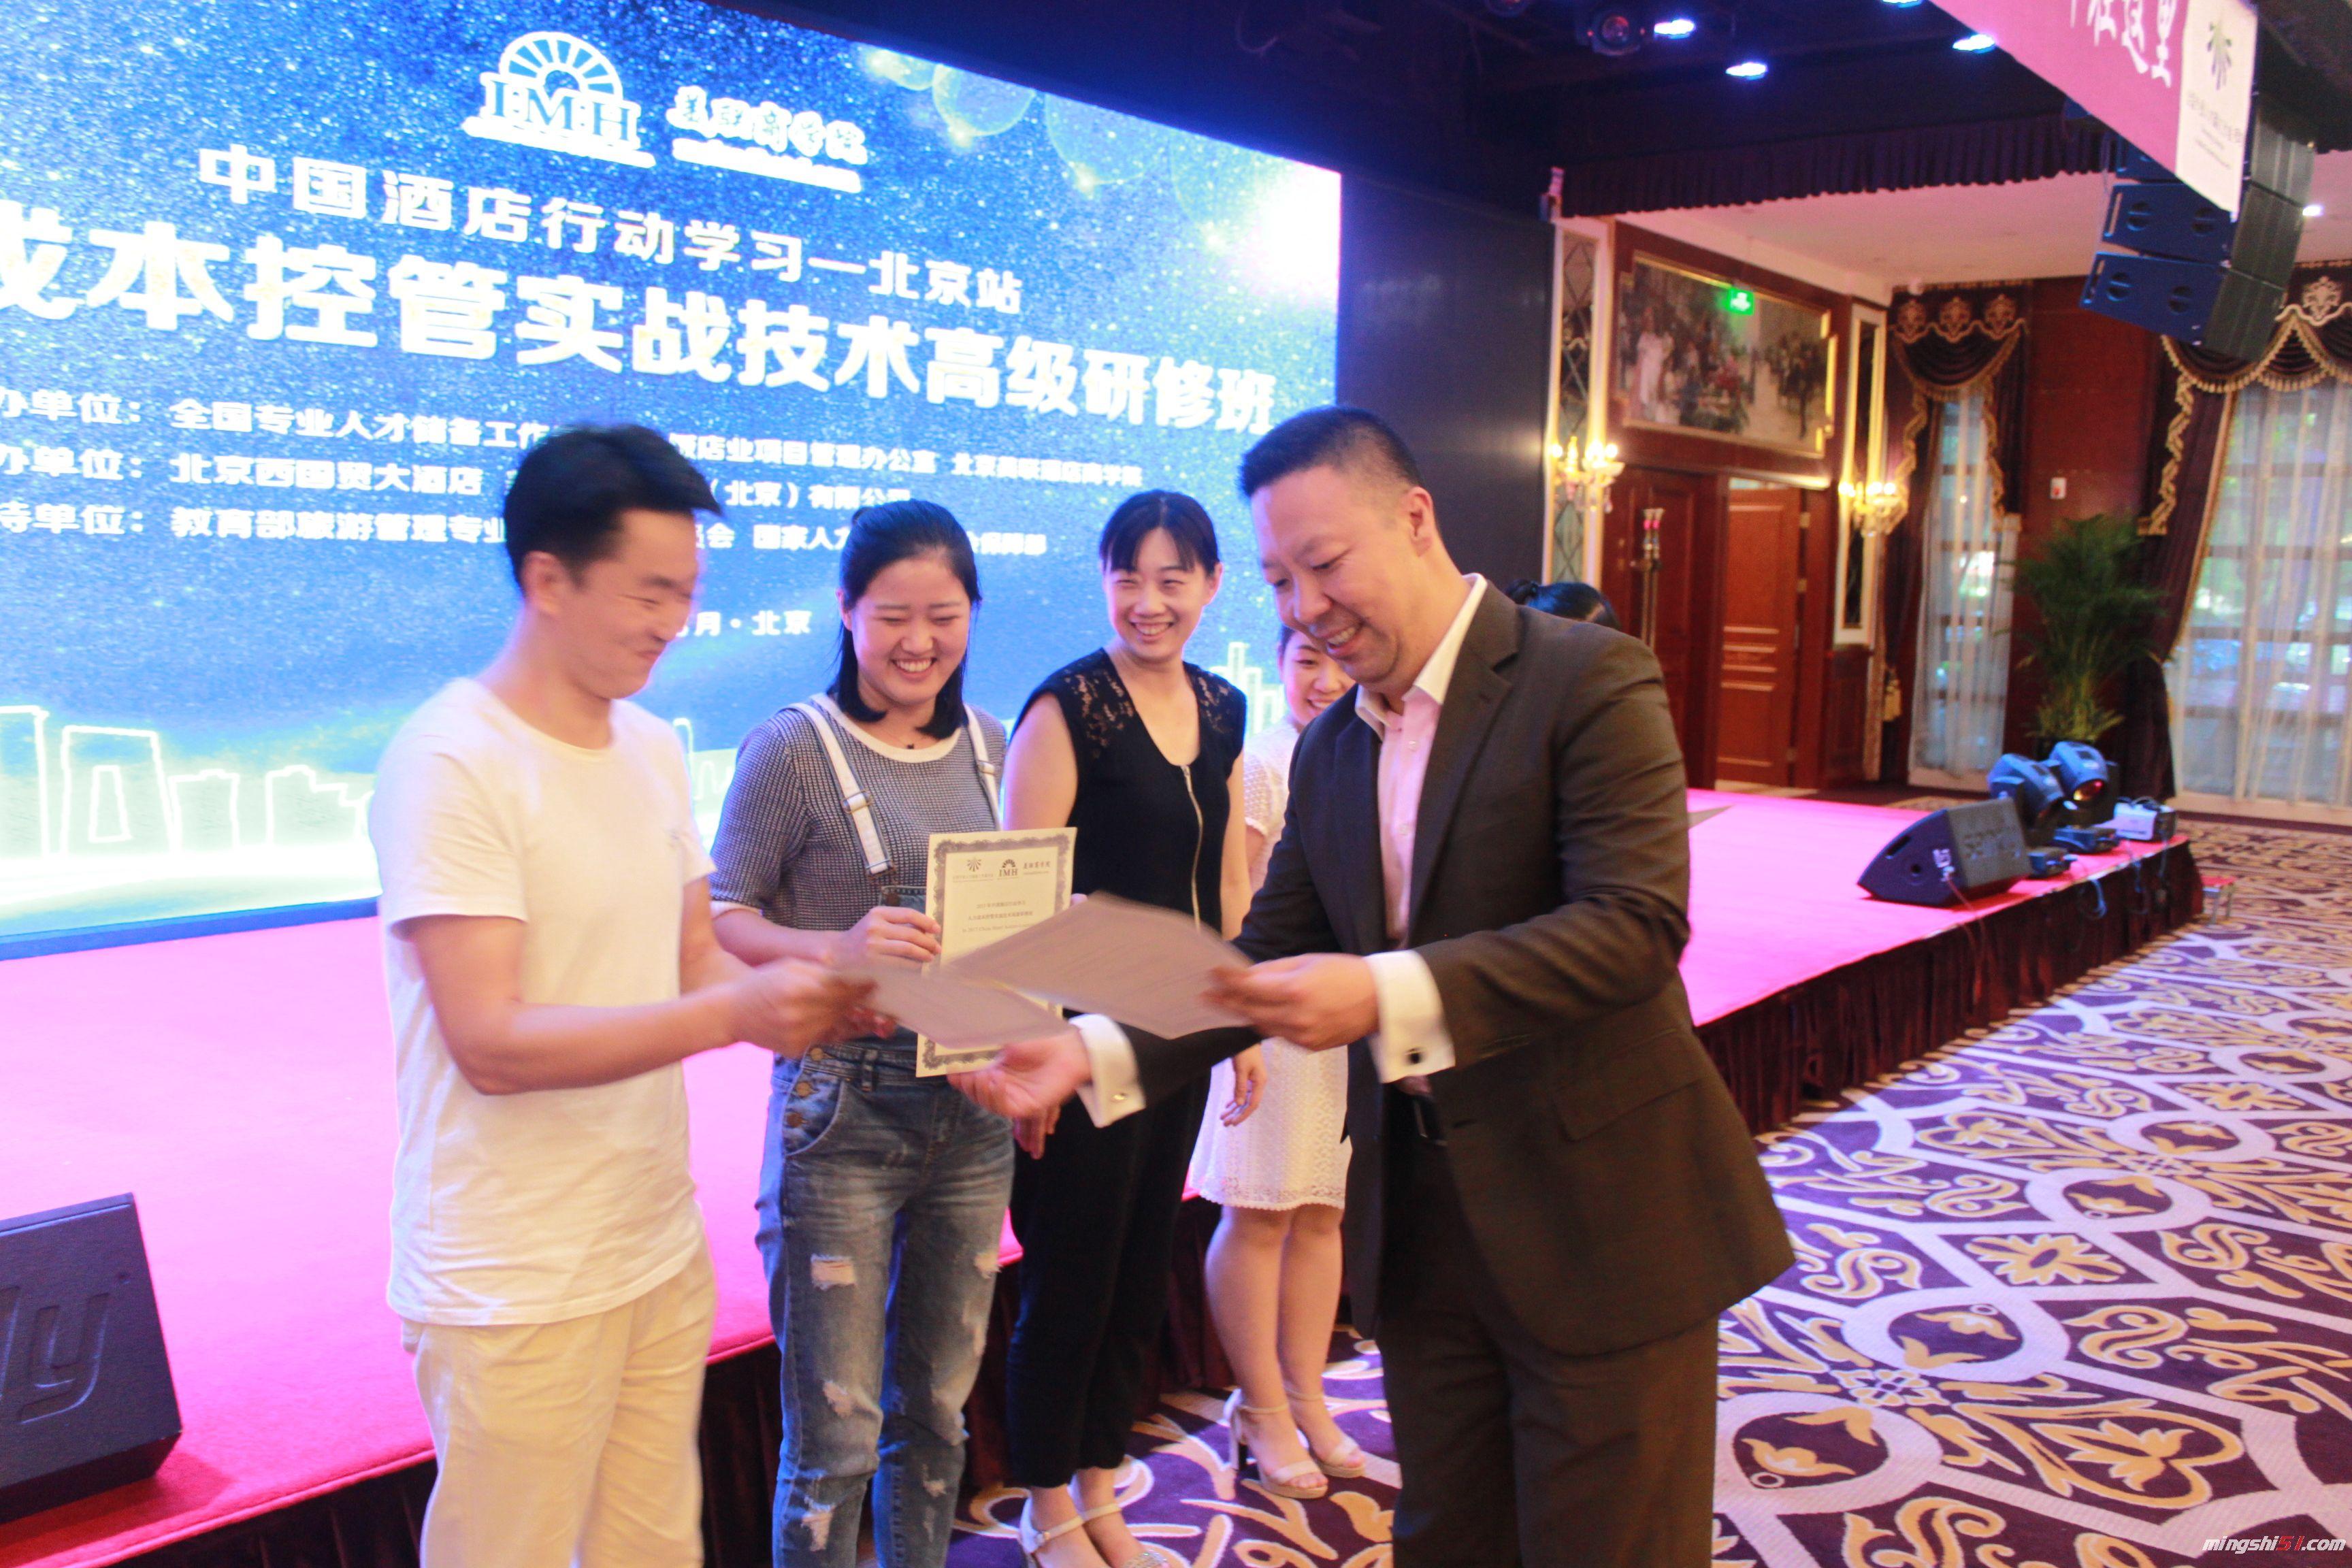 中国酒店行动学习总经理训练营